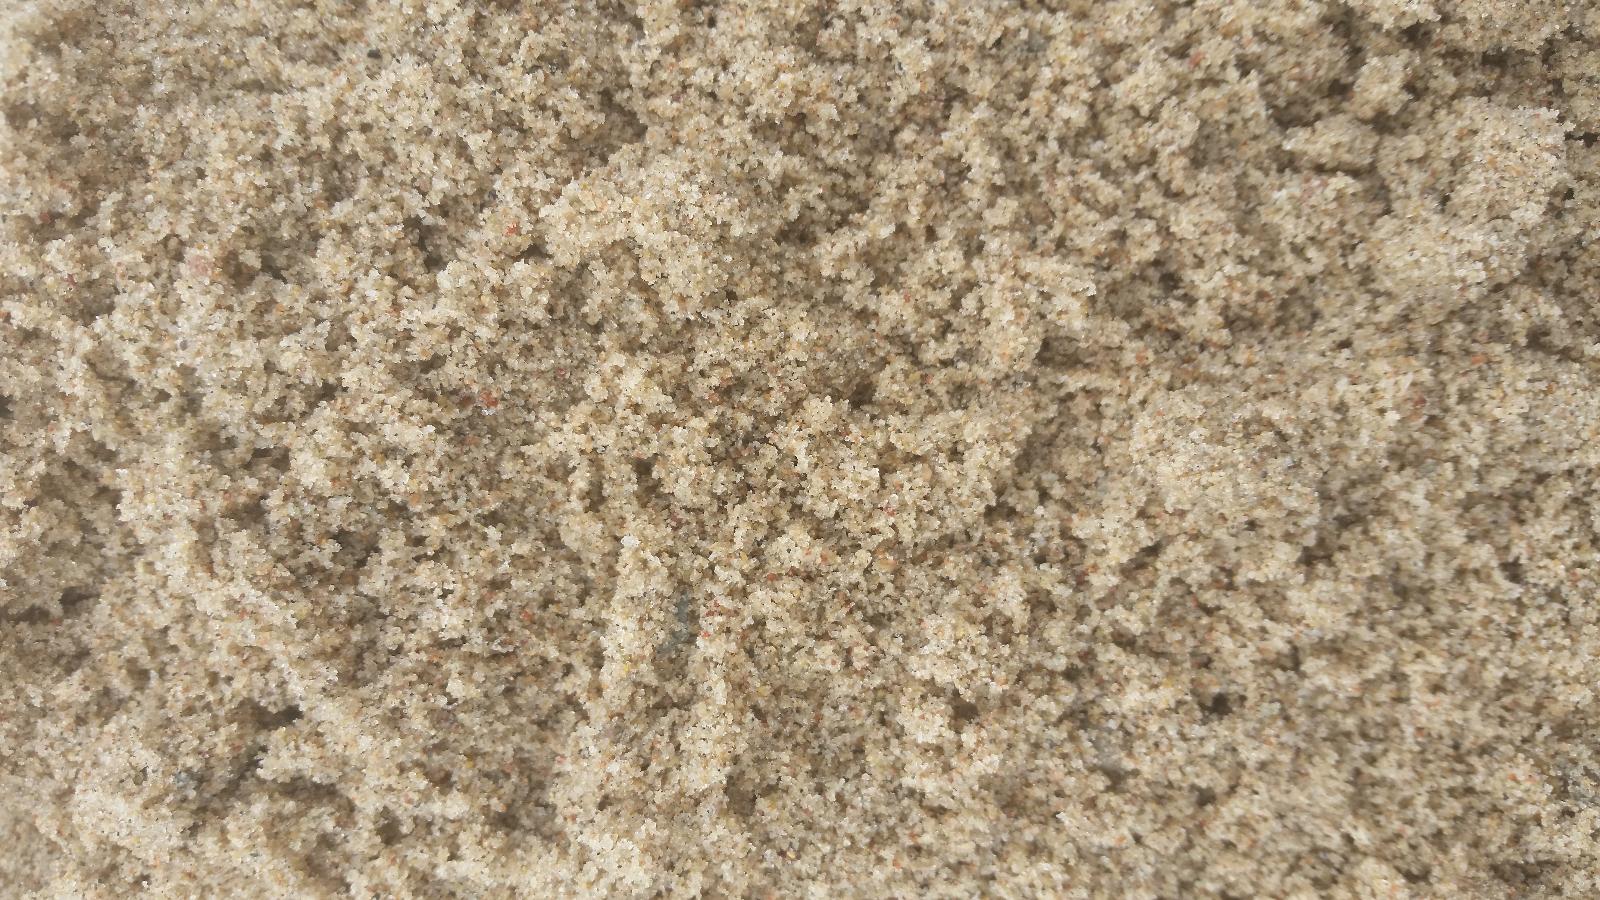 песок 1класс средней крупности (2.2 модуль крупности)